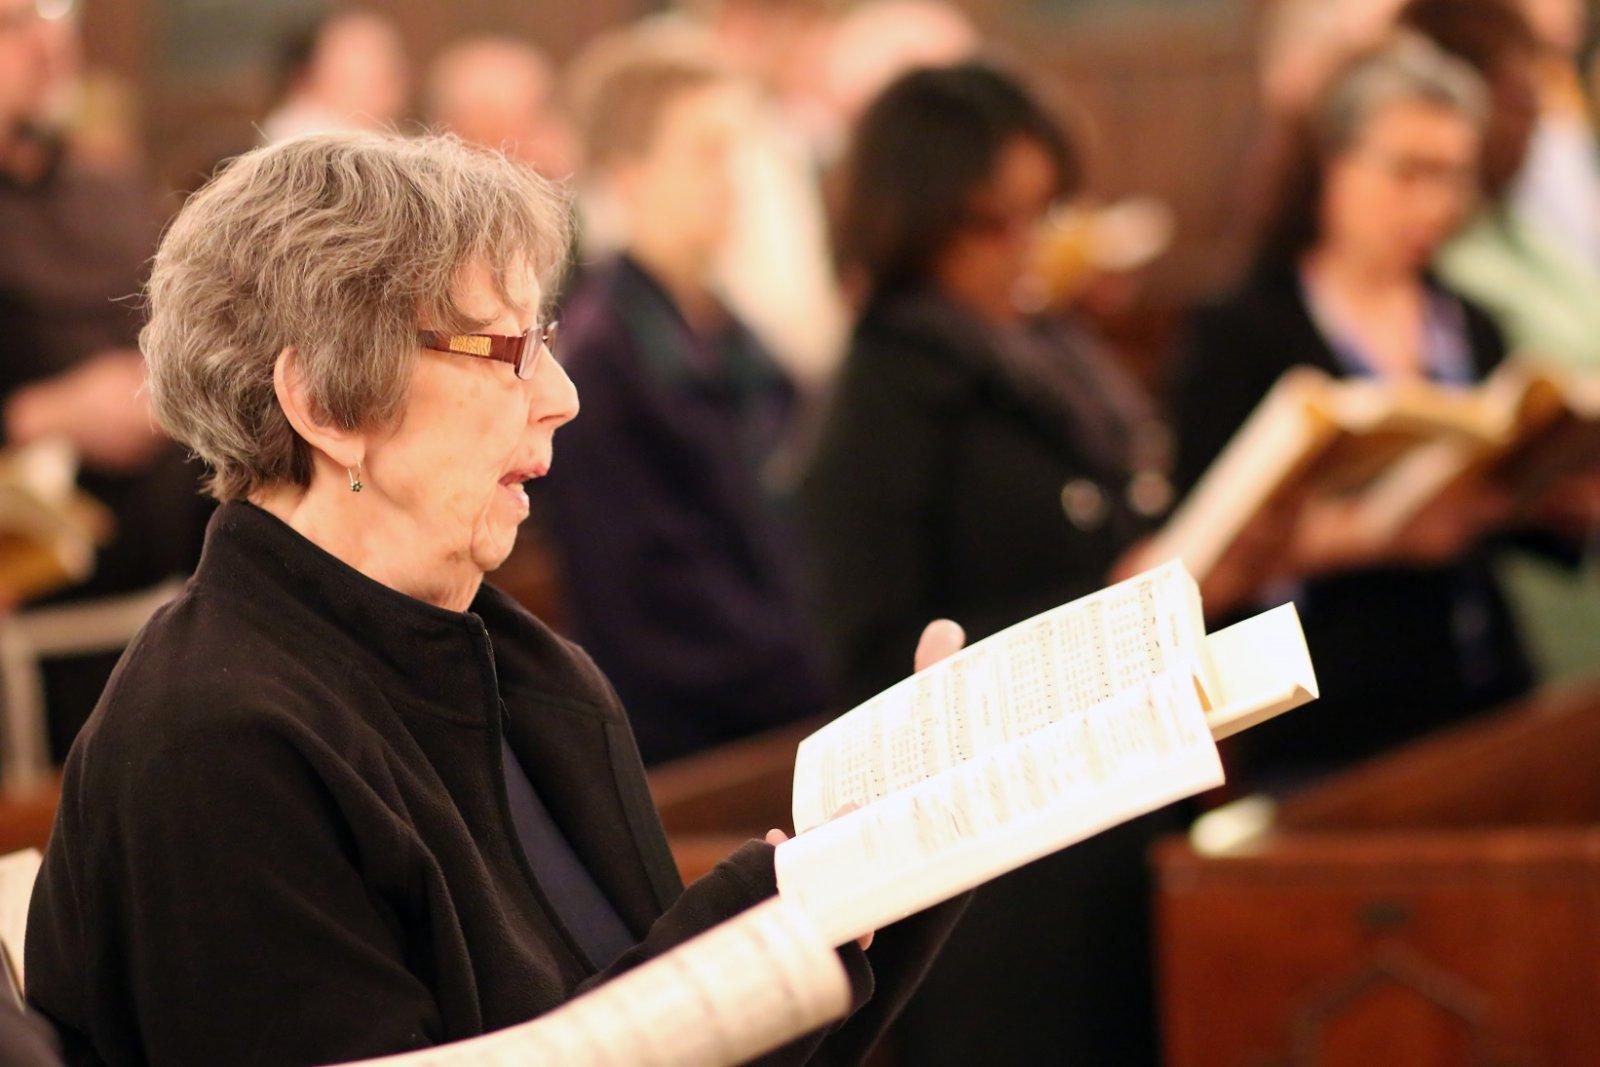 April 2014, Easter Triduum at St. Thomas the Apostle